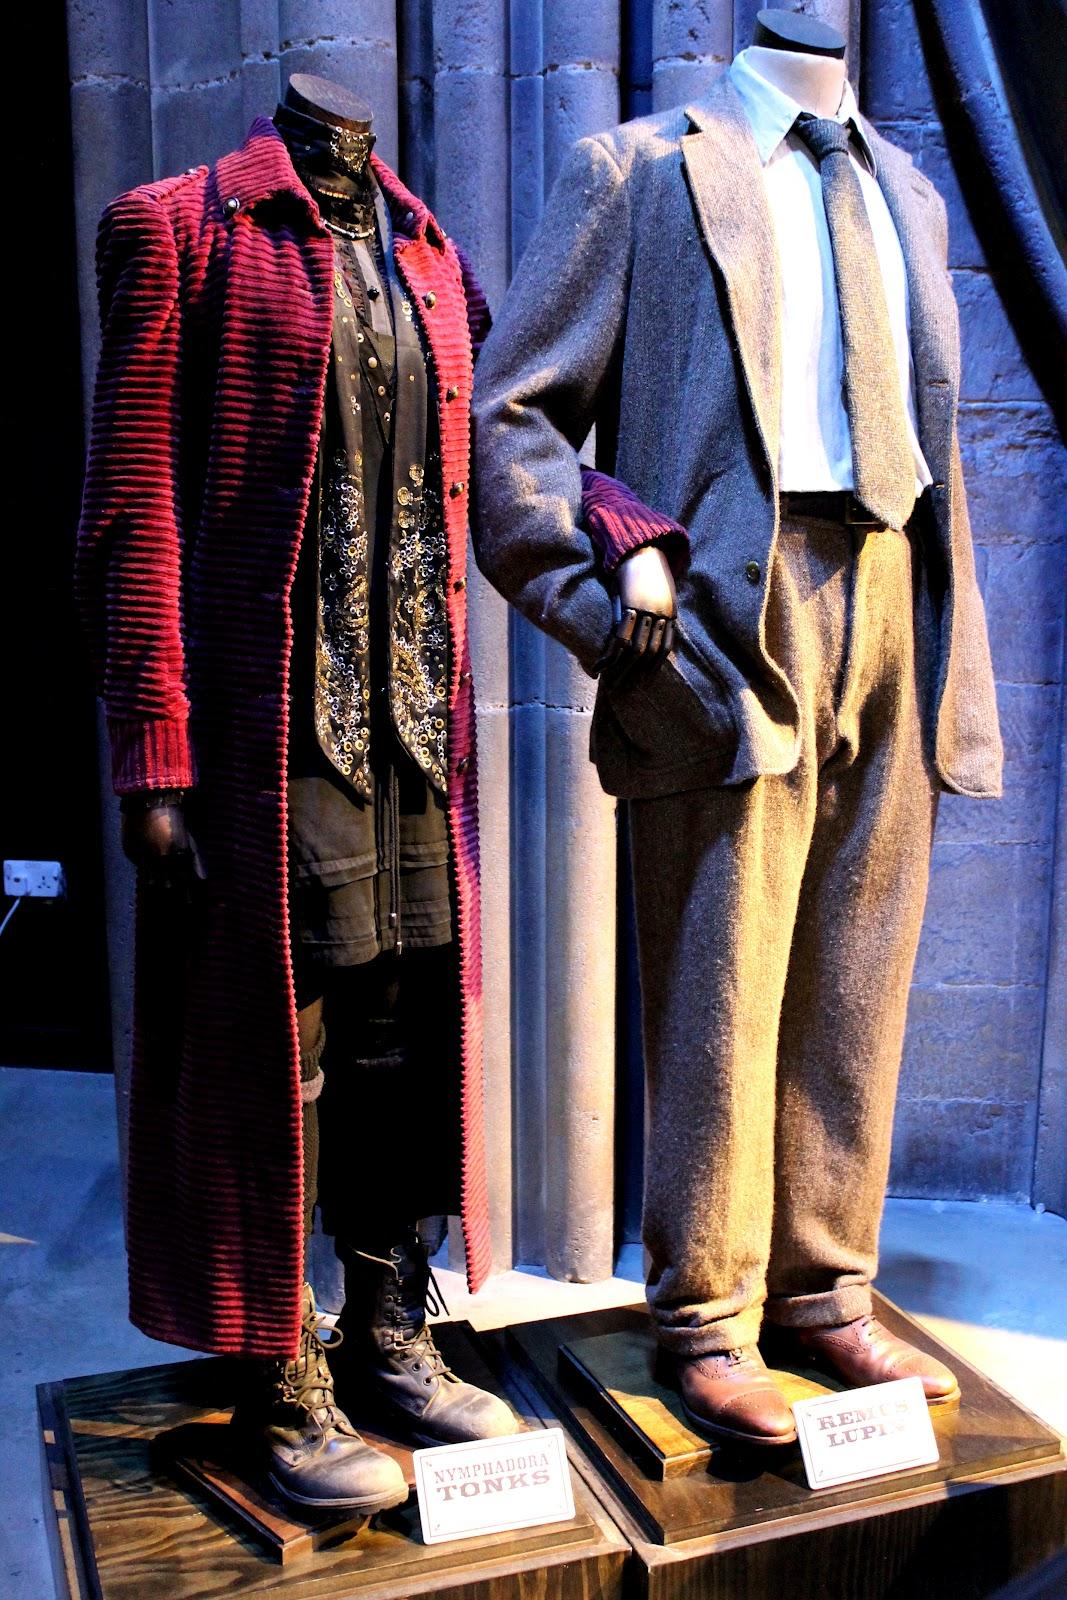 http://1.bp.blogspot.com/-1pGvjizsqGM/UBr8nL9l7qI/AAAAAAAALMY/0vuRqwZcDCk/s1600/Tonks+Lupin+costumes+tour+Potter+studio.jpg